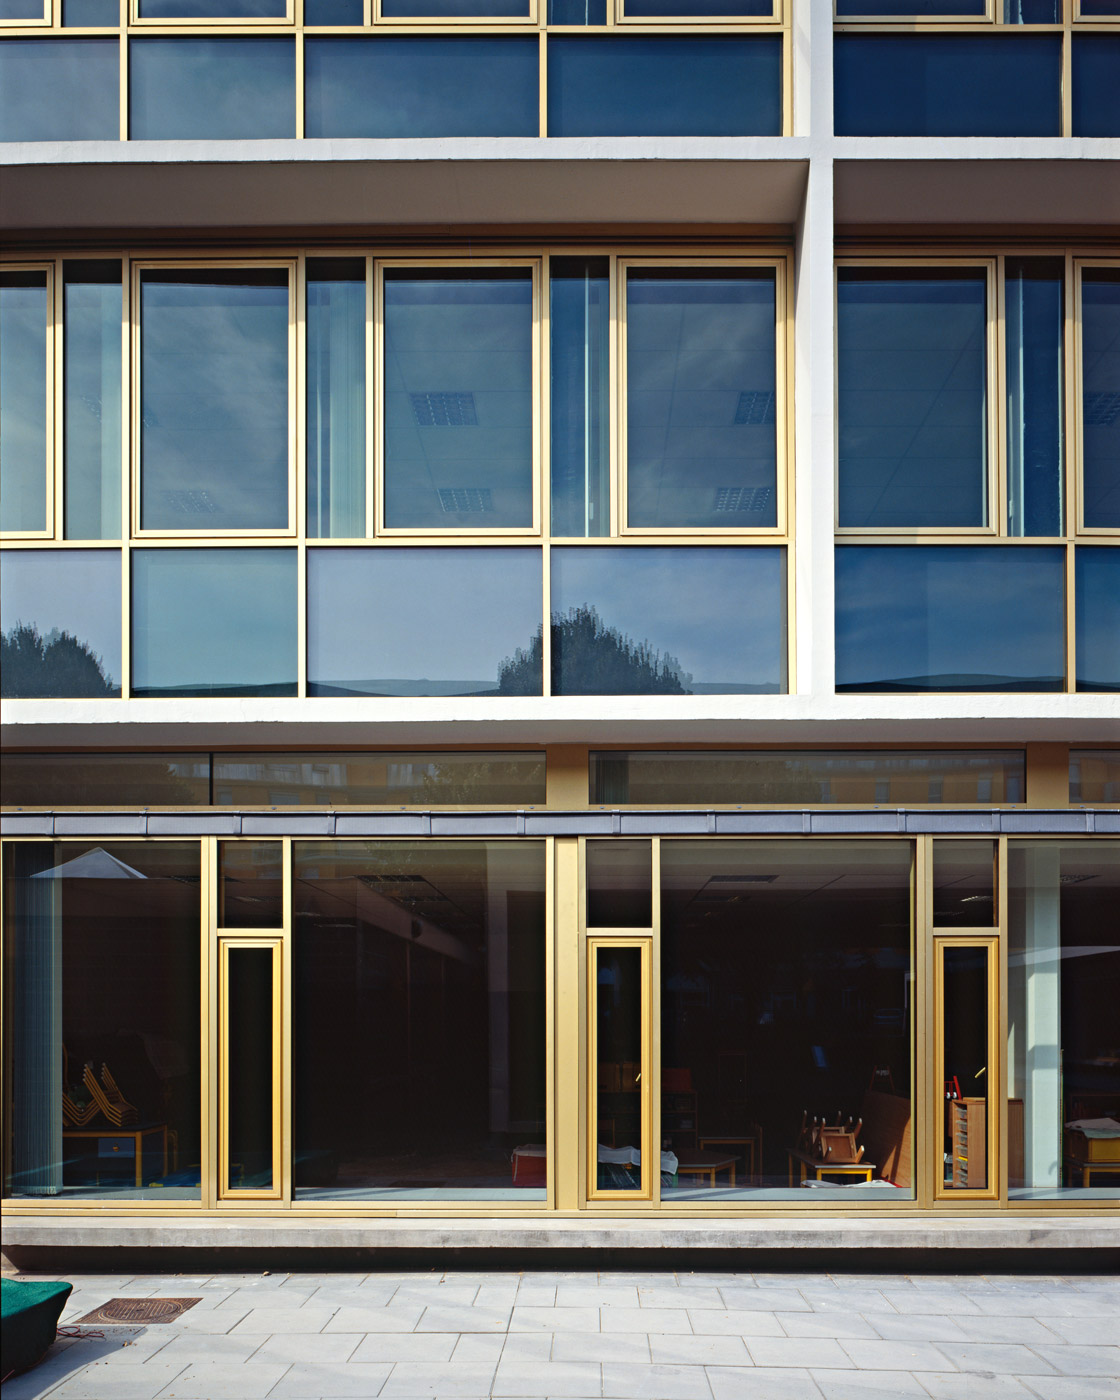 Ecole Catheirine Graindor Rouen - façade vitrée